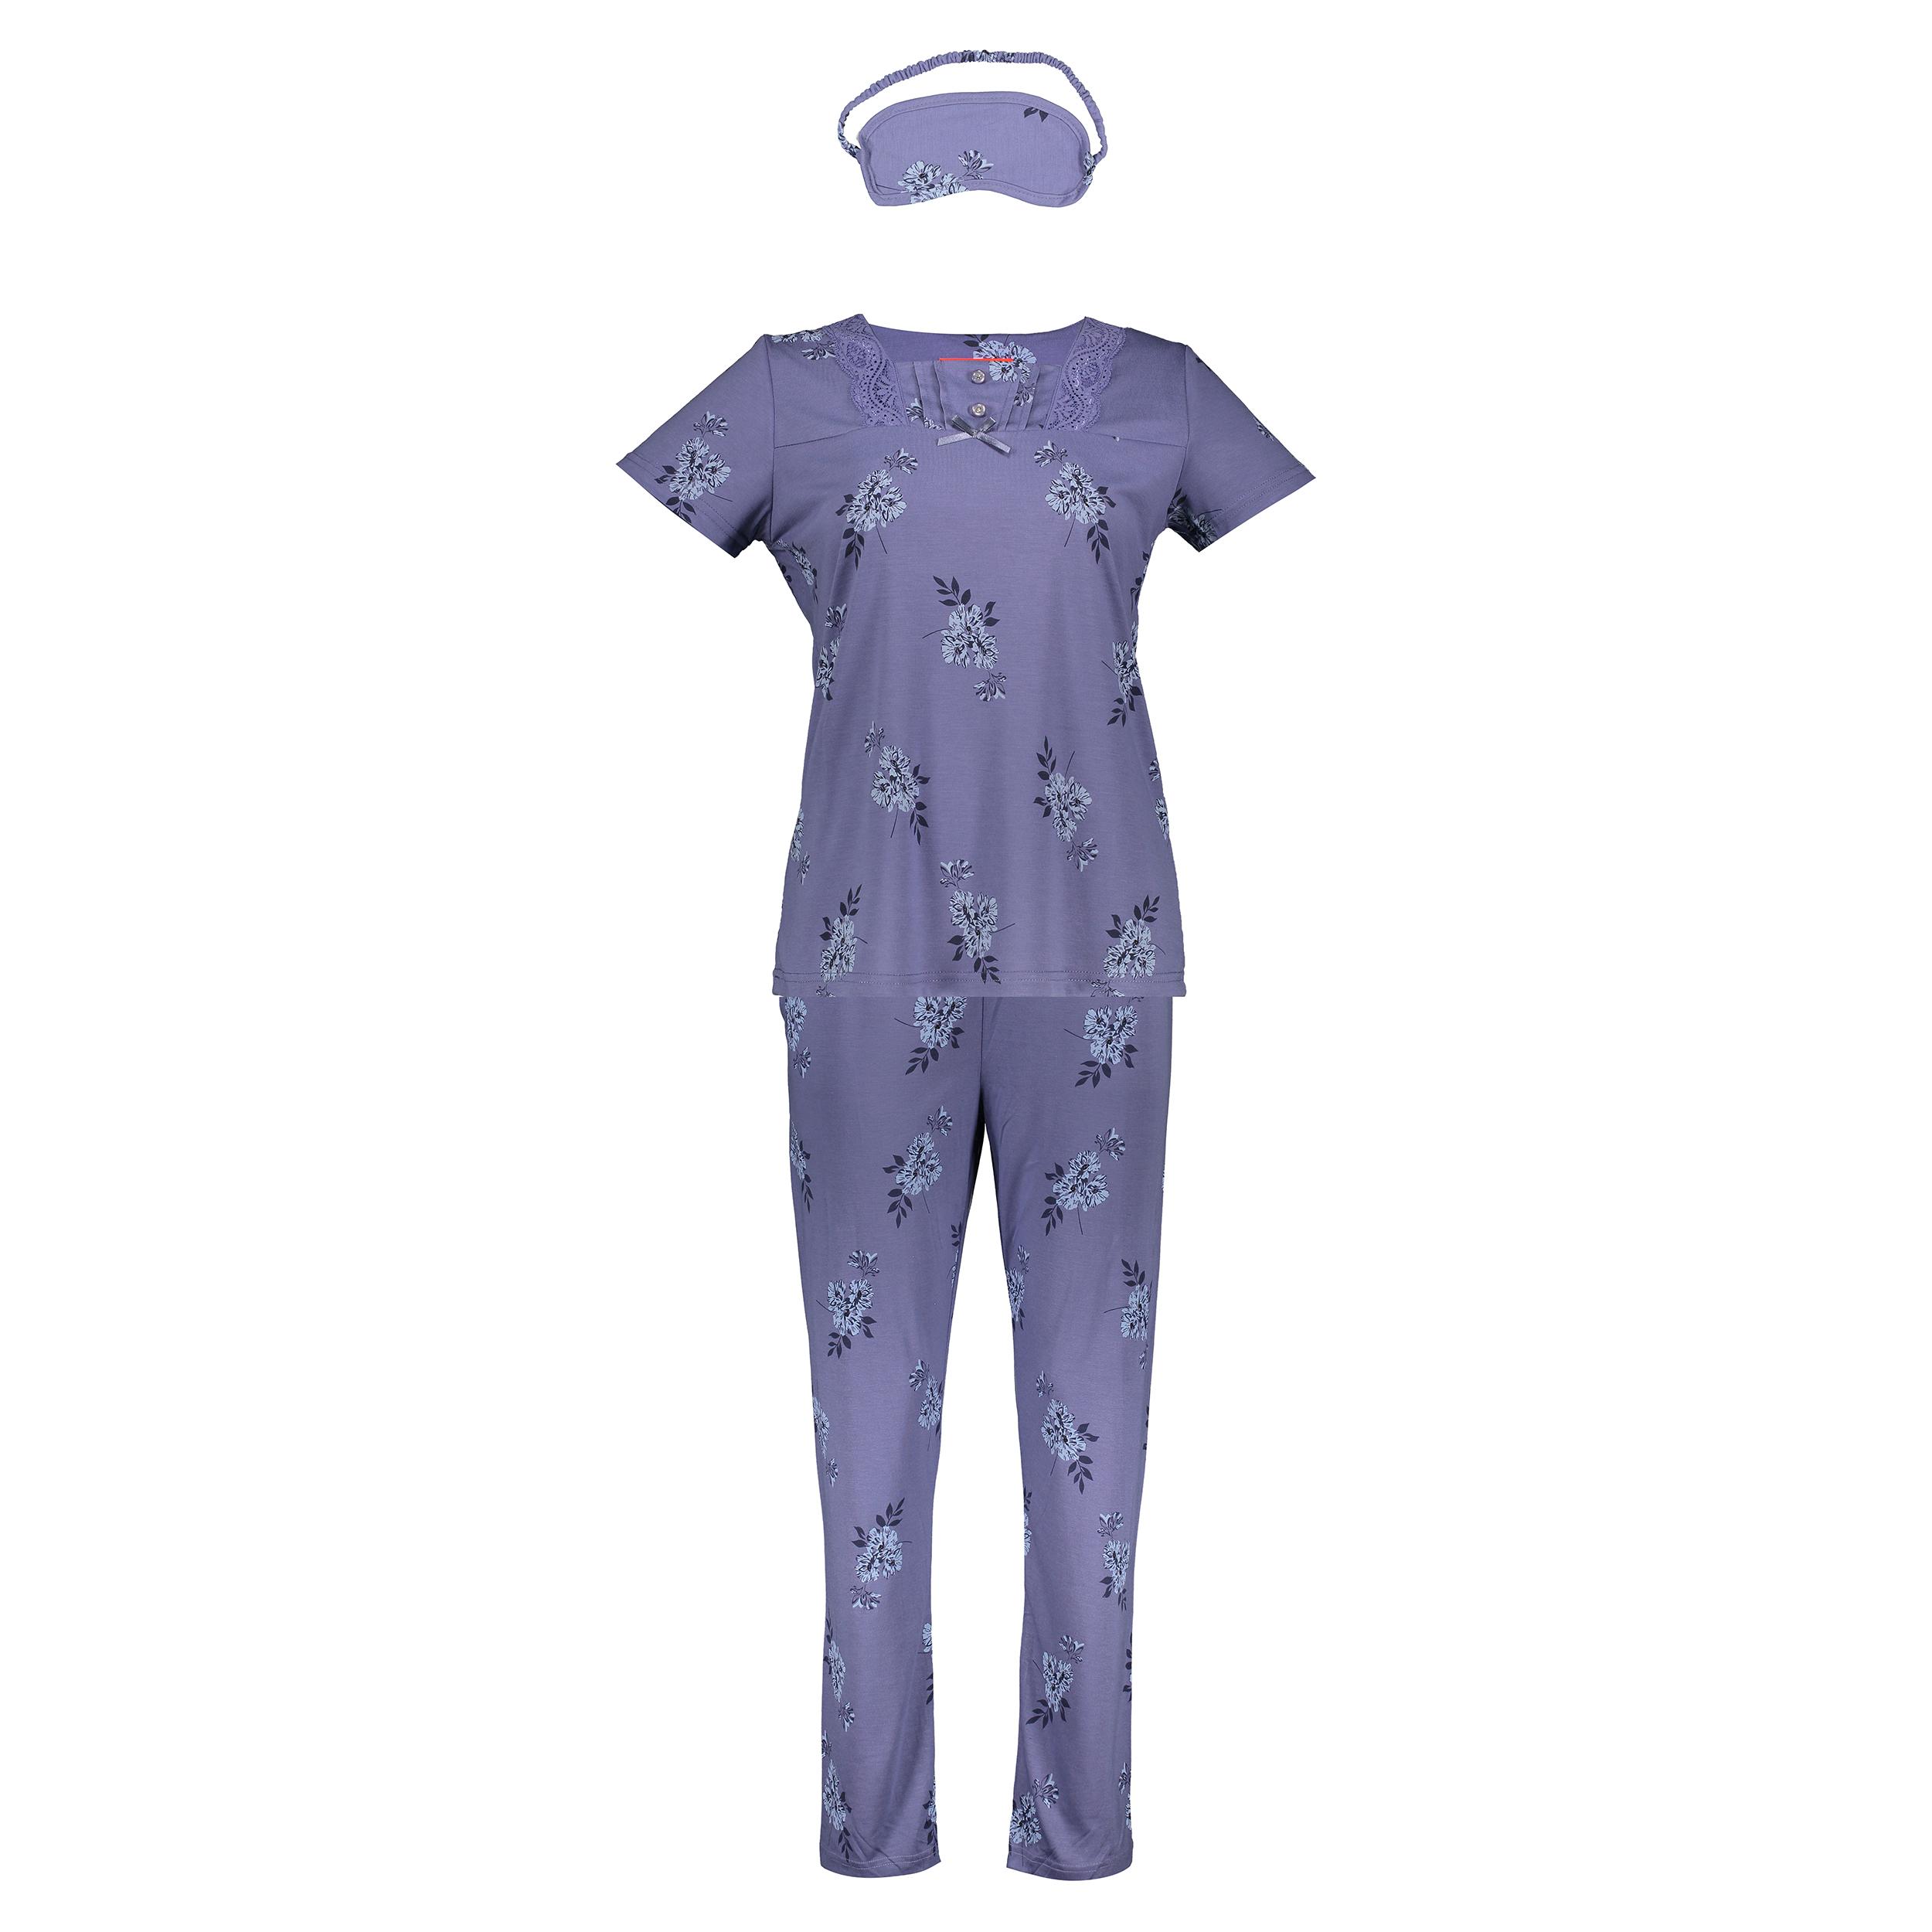 ست لباس راحتی زنانه جوانا کد 237835-3              👗